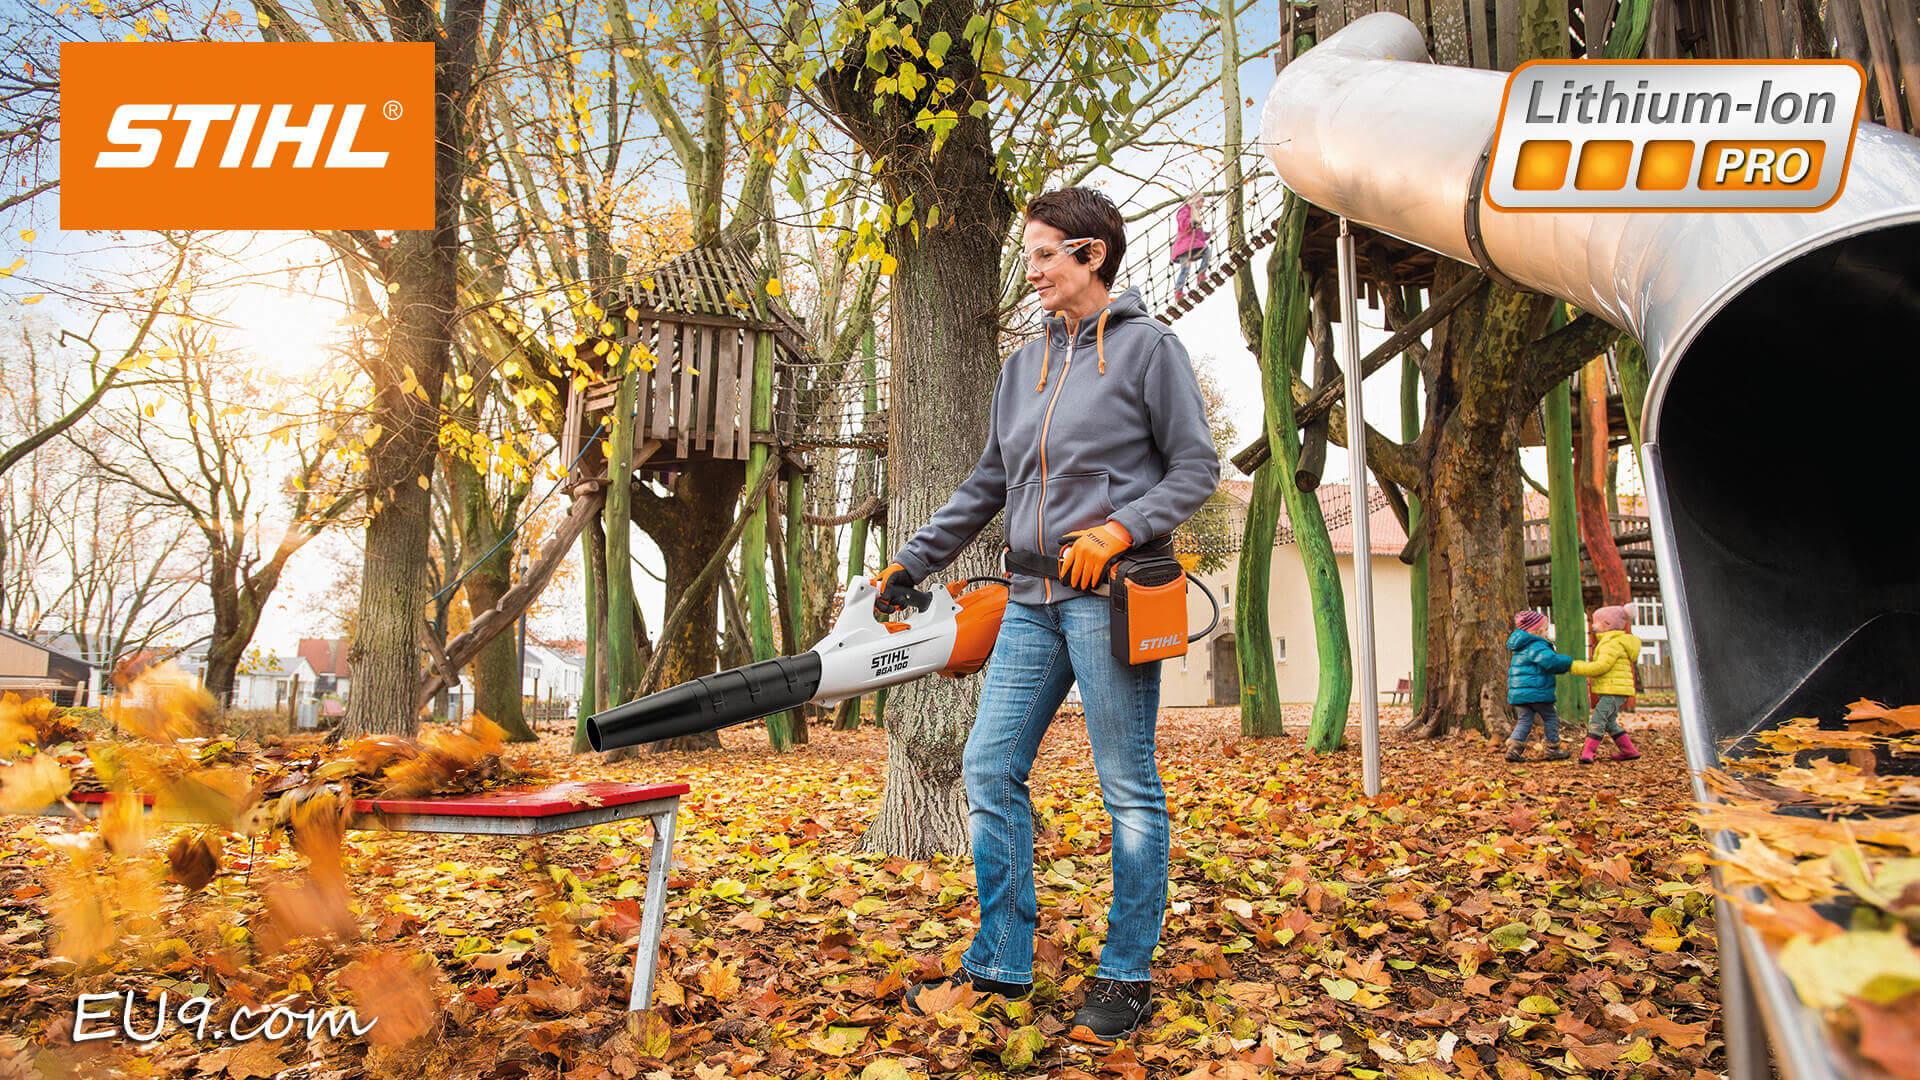 stihl akku g rteltasche mit oranger anschlussleitung a adapter ap. Black Bedroom Furniture Sets. Home Design Ideas